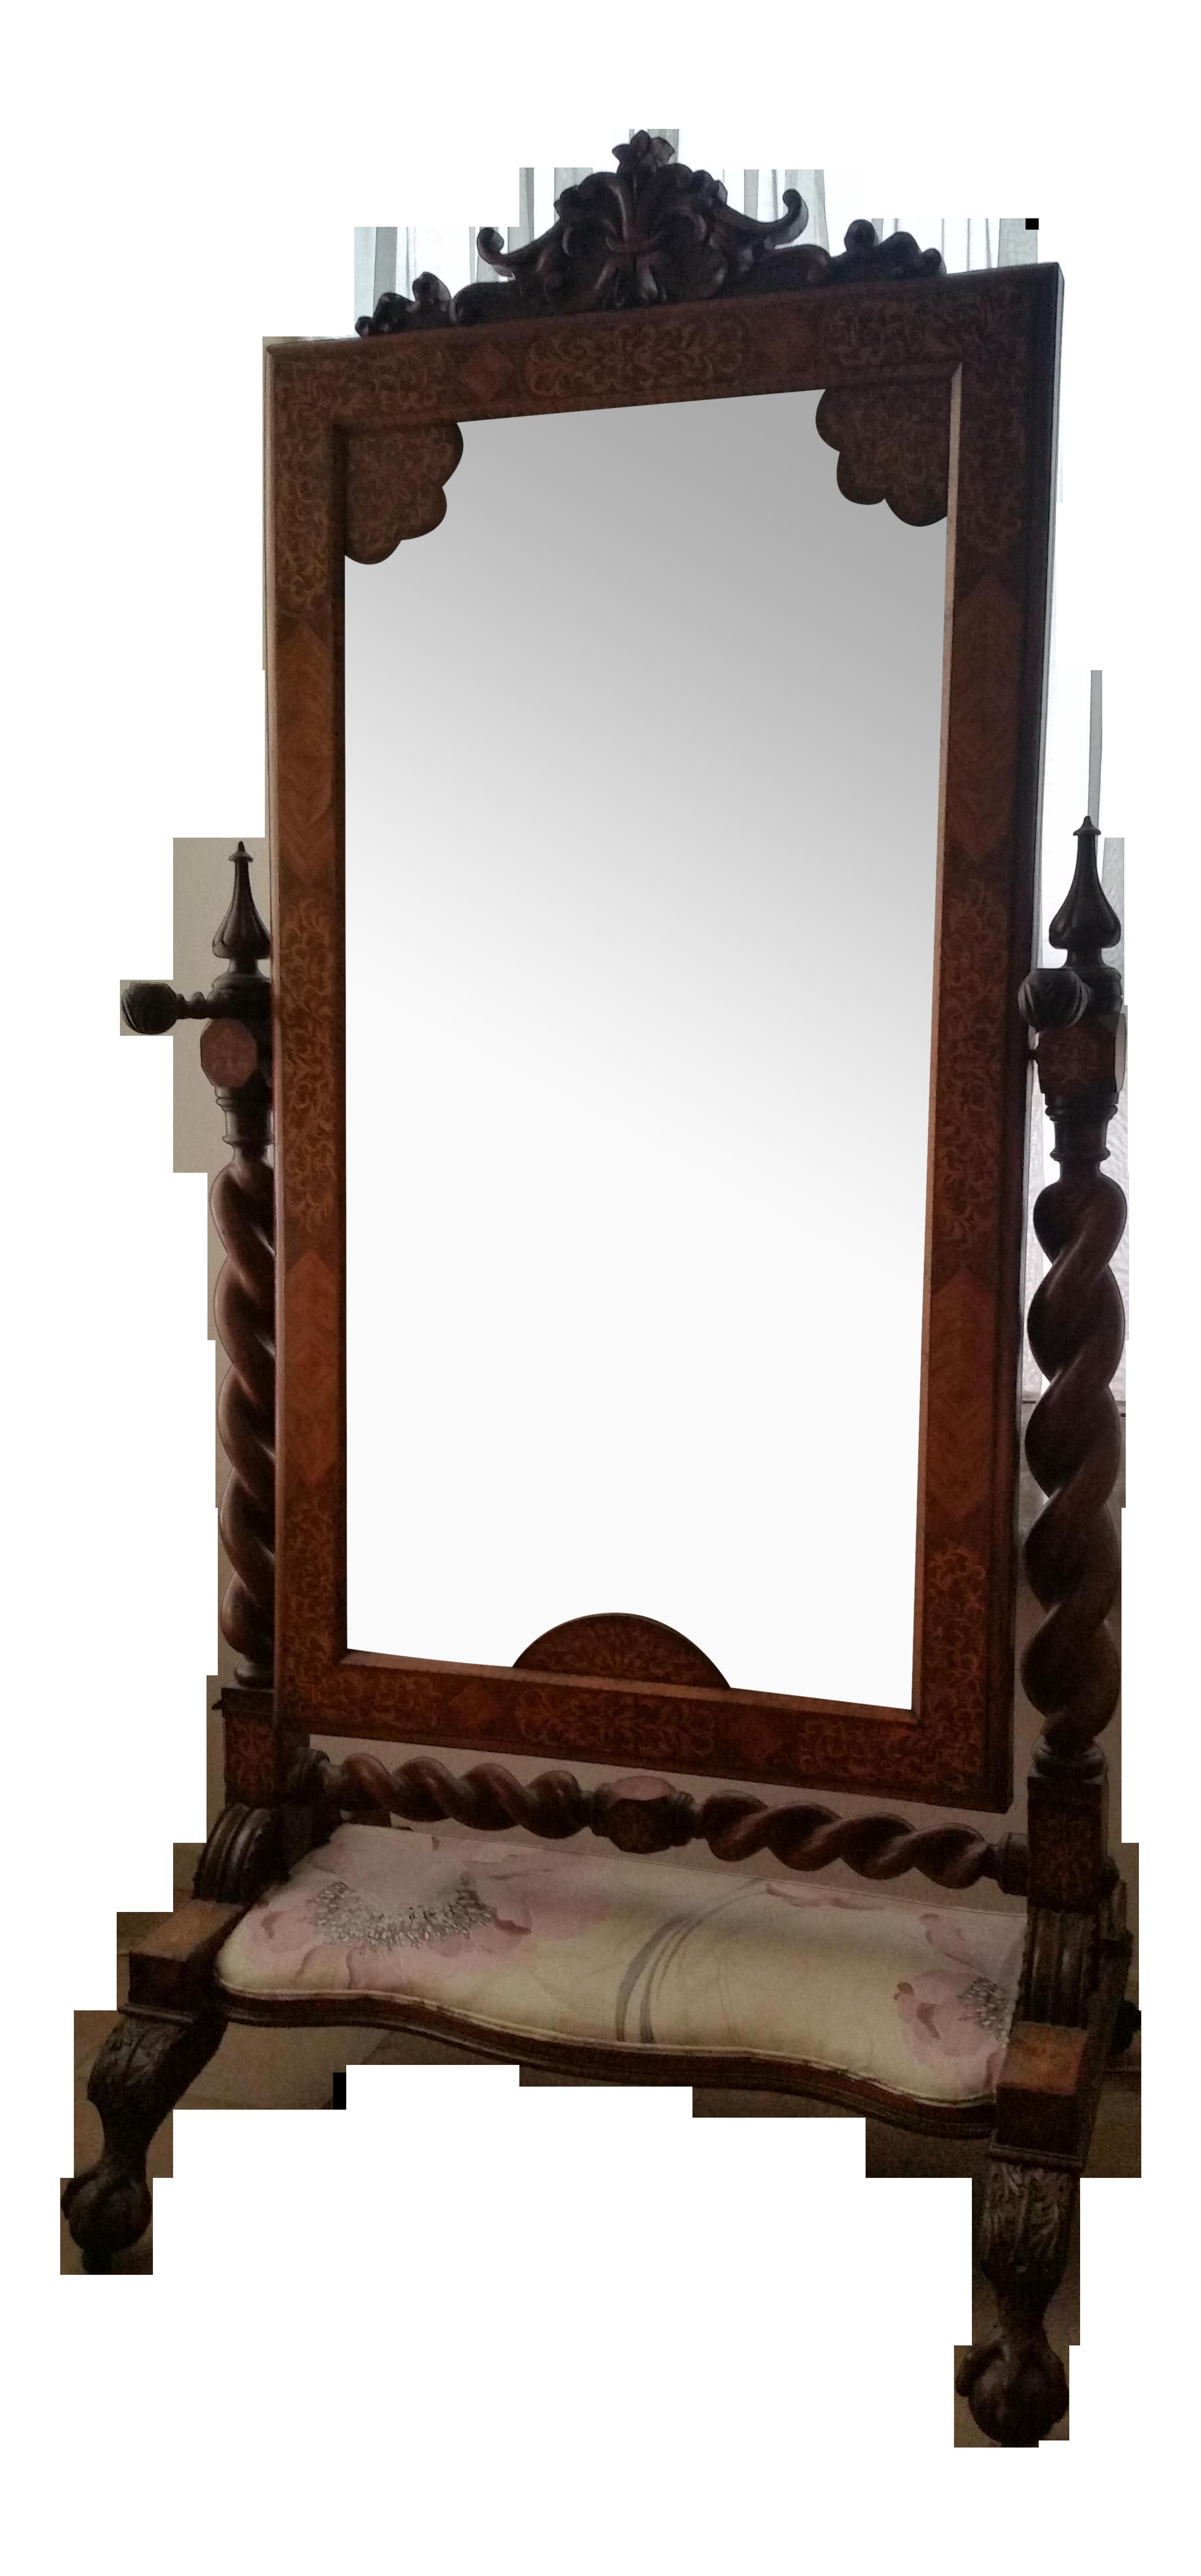 Antique Cheval Mirror Barley Twist Claw Foot Chairish